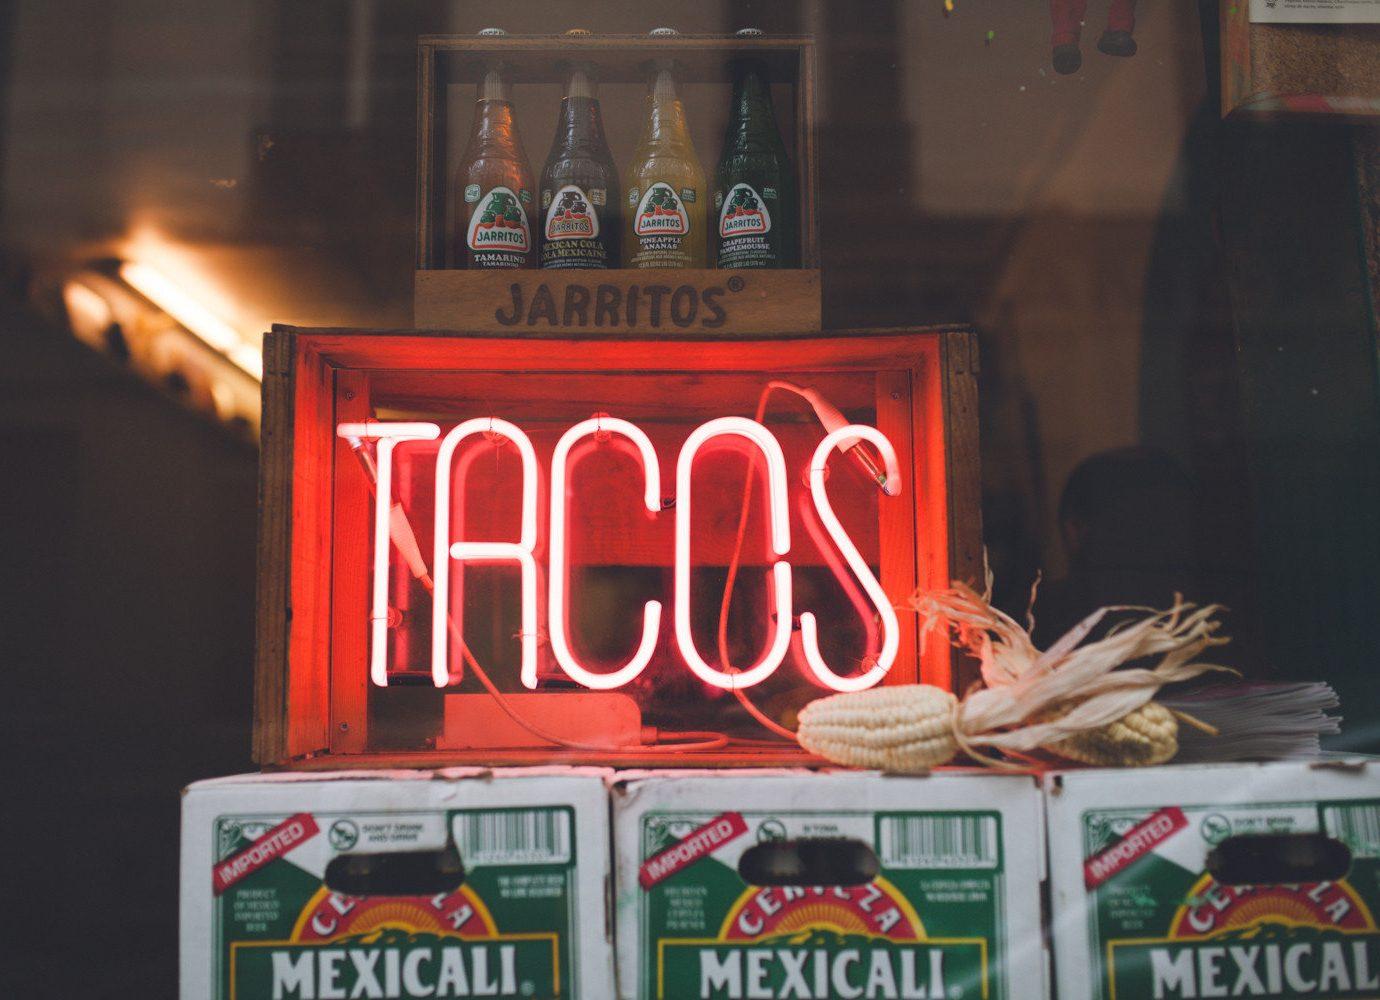 Food + Drink advertising